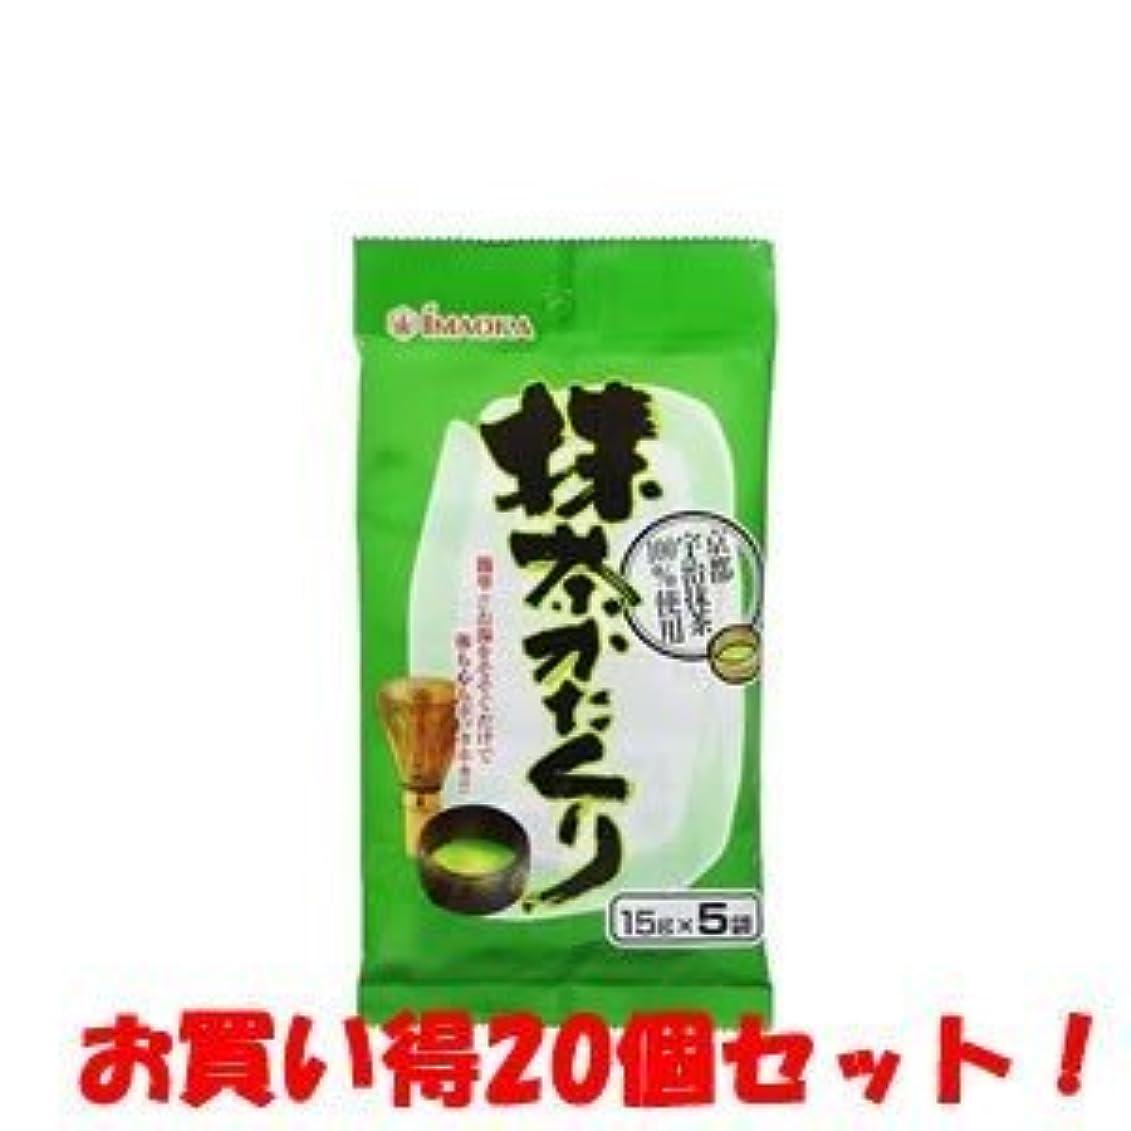 司令官何もないながら(今岡製菓)抹茶かたくり 15g×5袋(お買い得20個セット)